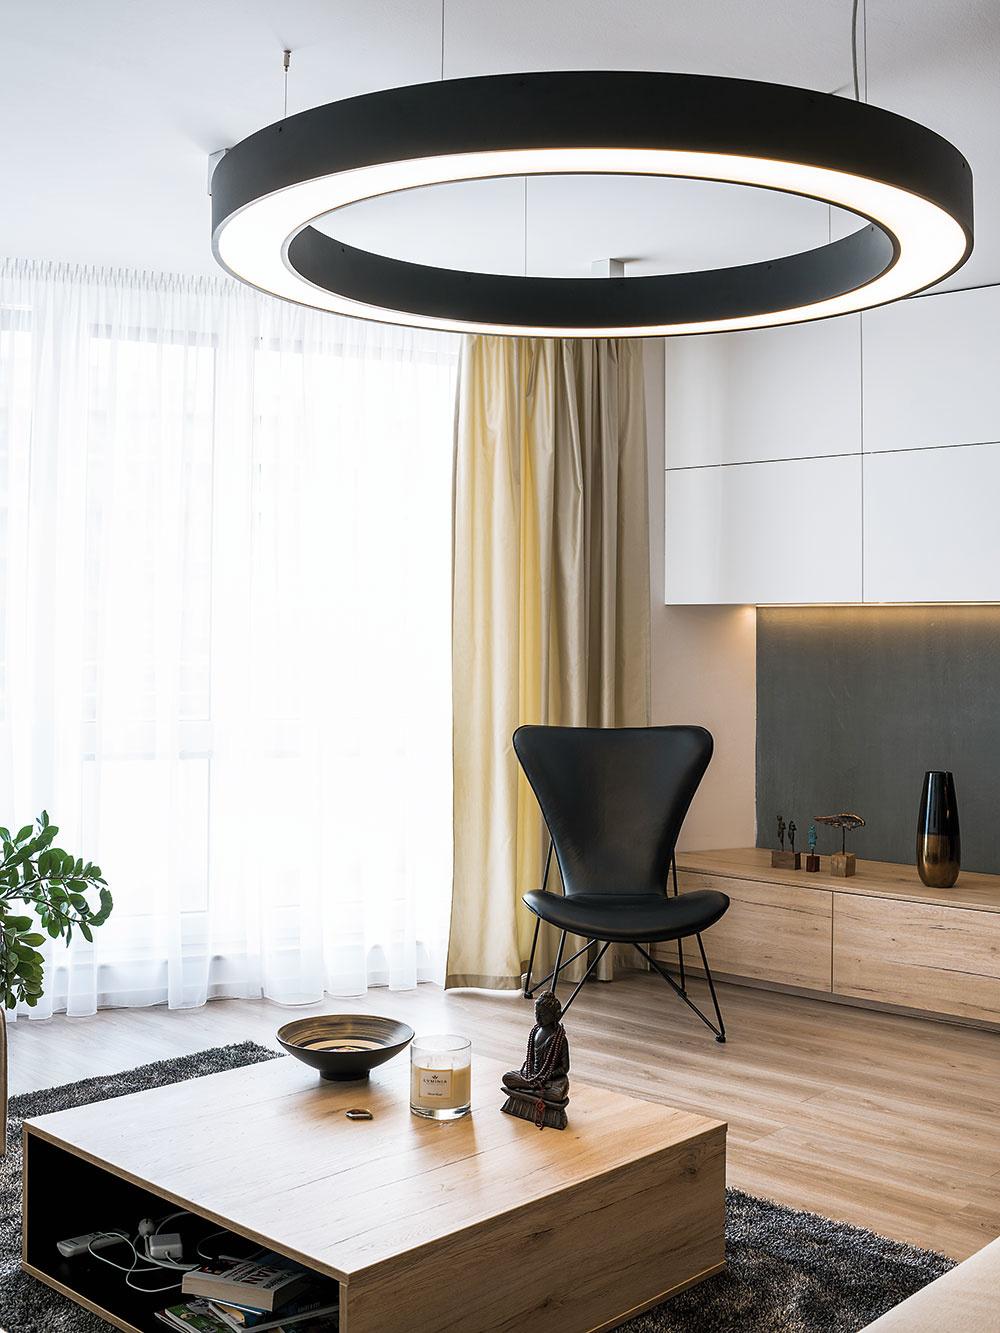 Svetelná obruč vobývacej izbe, tzv. ufo, predstavuje najvýraznejší prvok osvetlenia – intenzitu svetla možno podobne ako vprípade LED pásov rôzne nastaviť. Pridaným bonusom je dekoratívna funkcia.